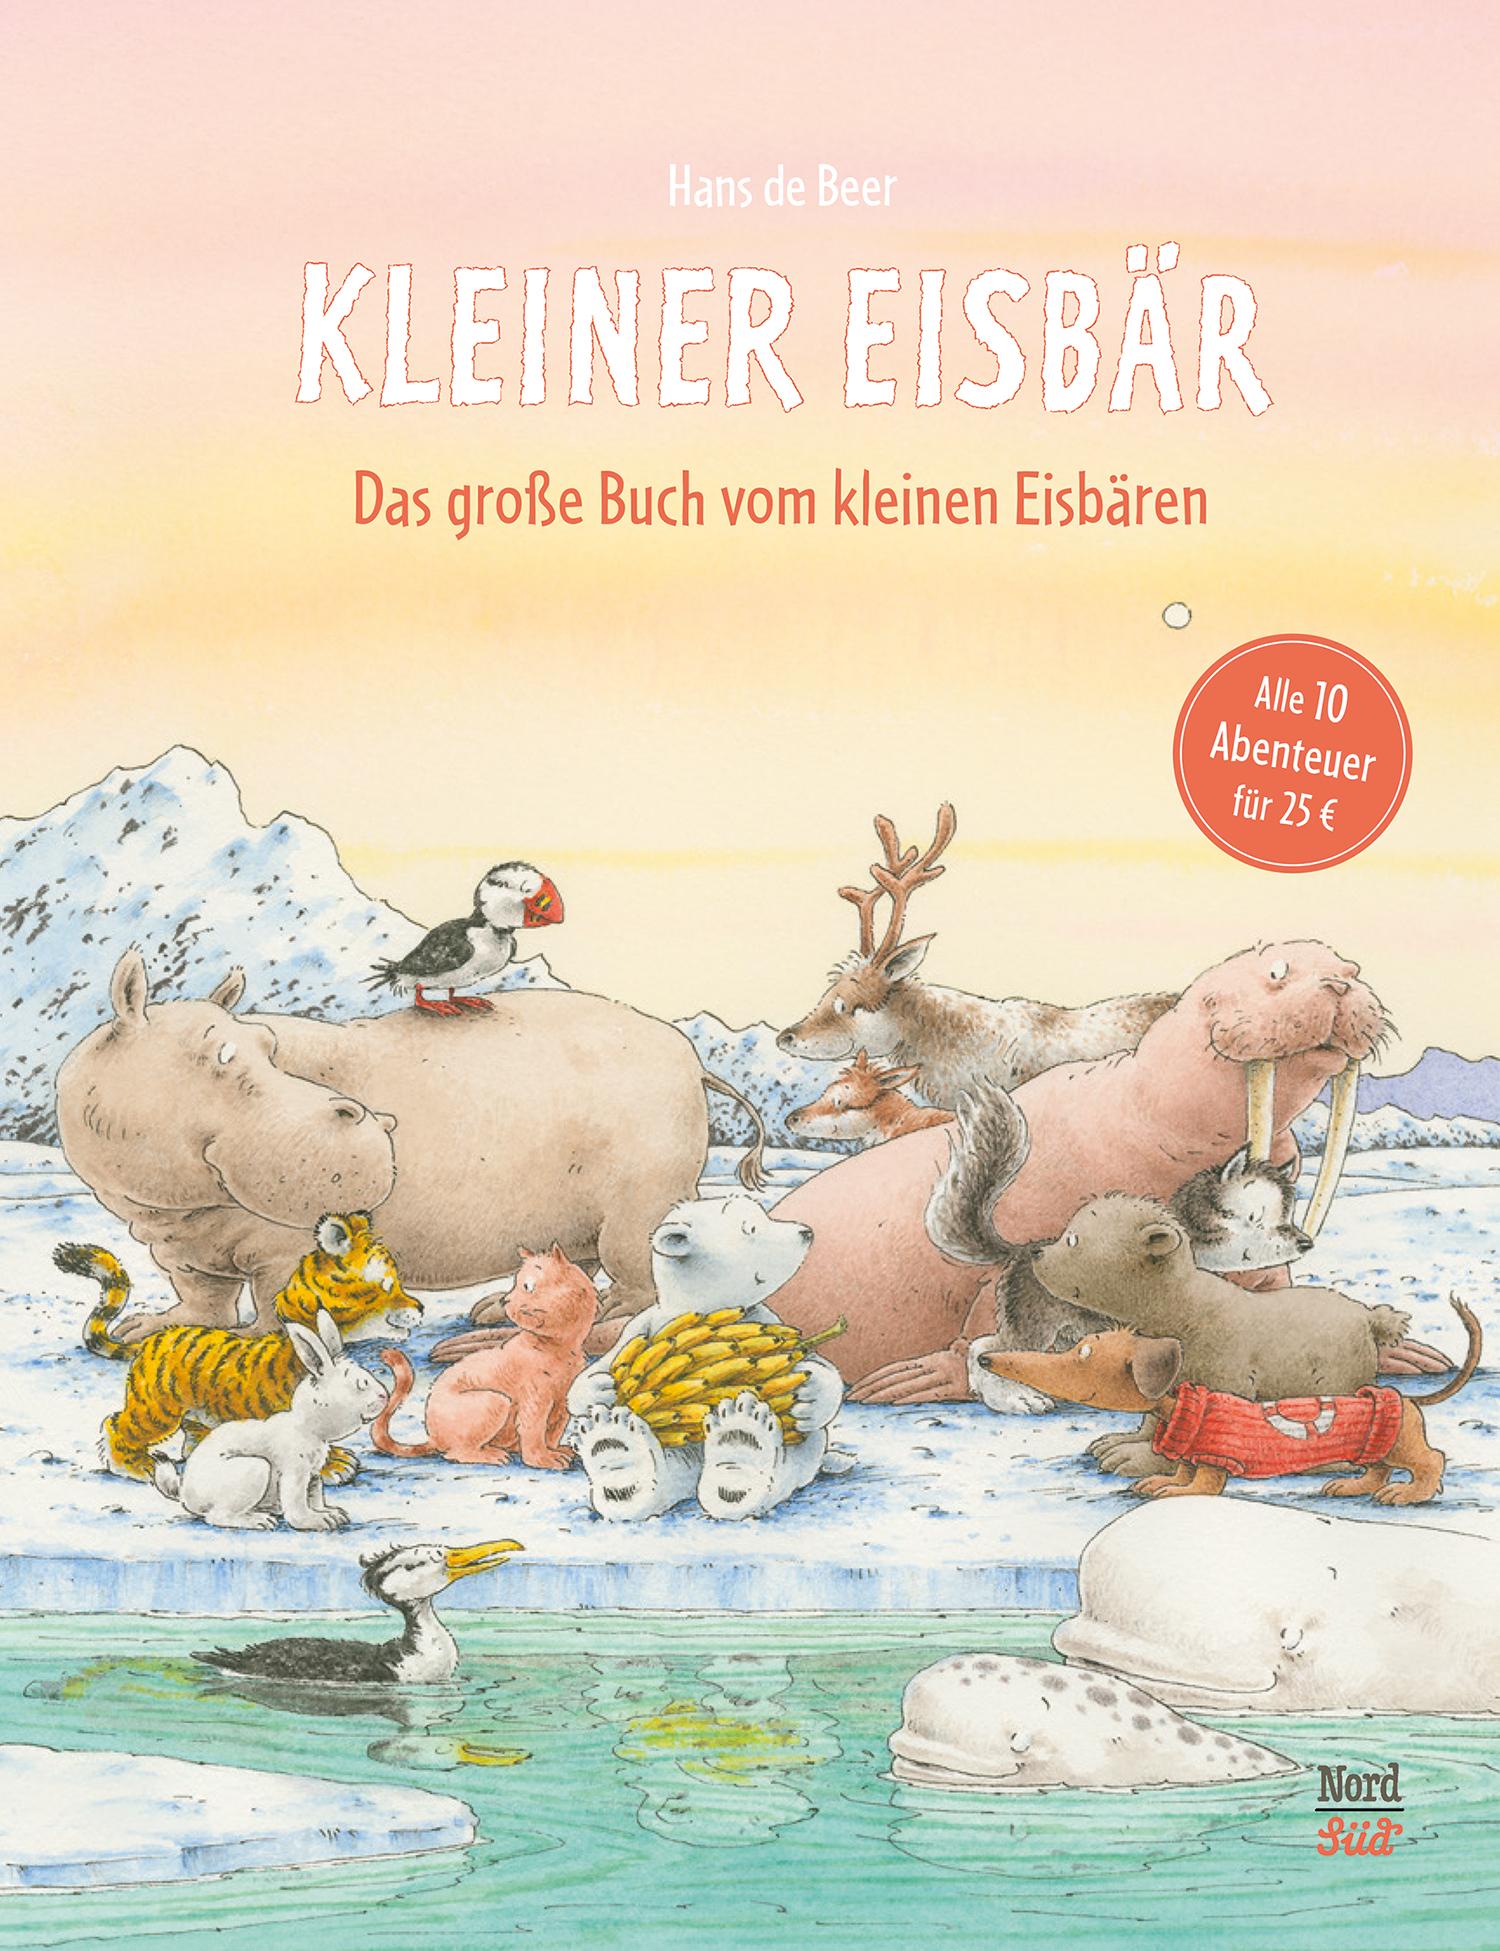 Kleiner Eisbär – Das große Buch vom kleinen Eisbären